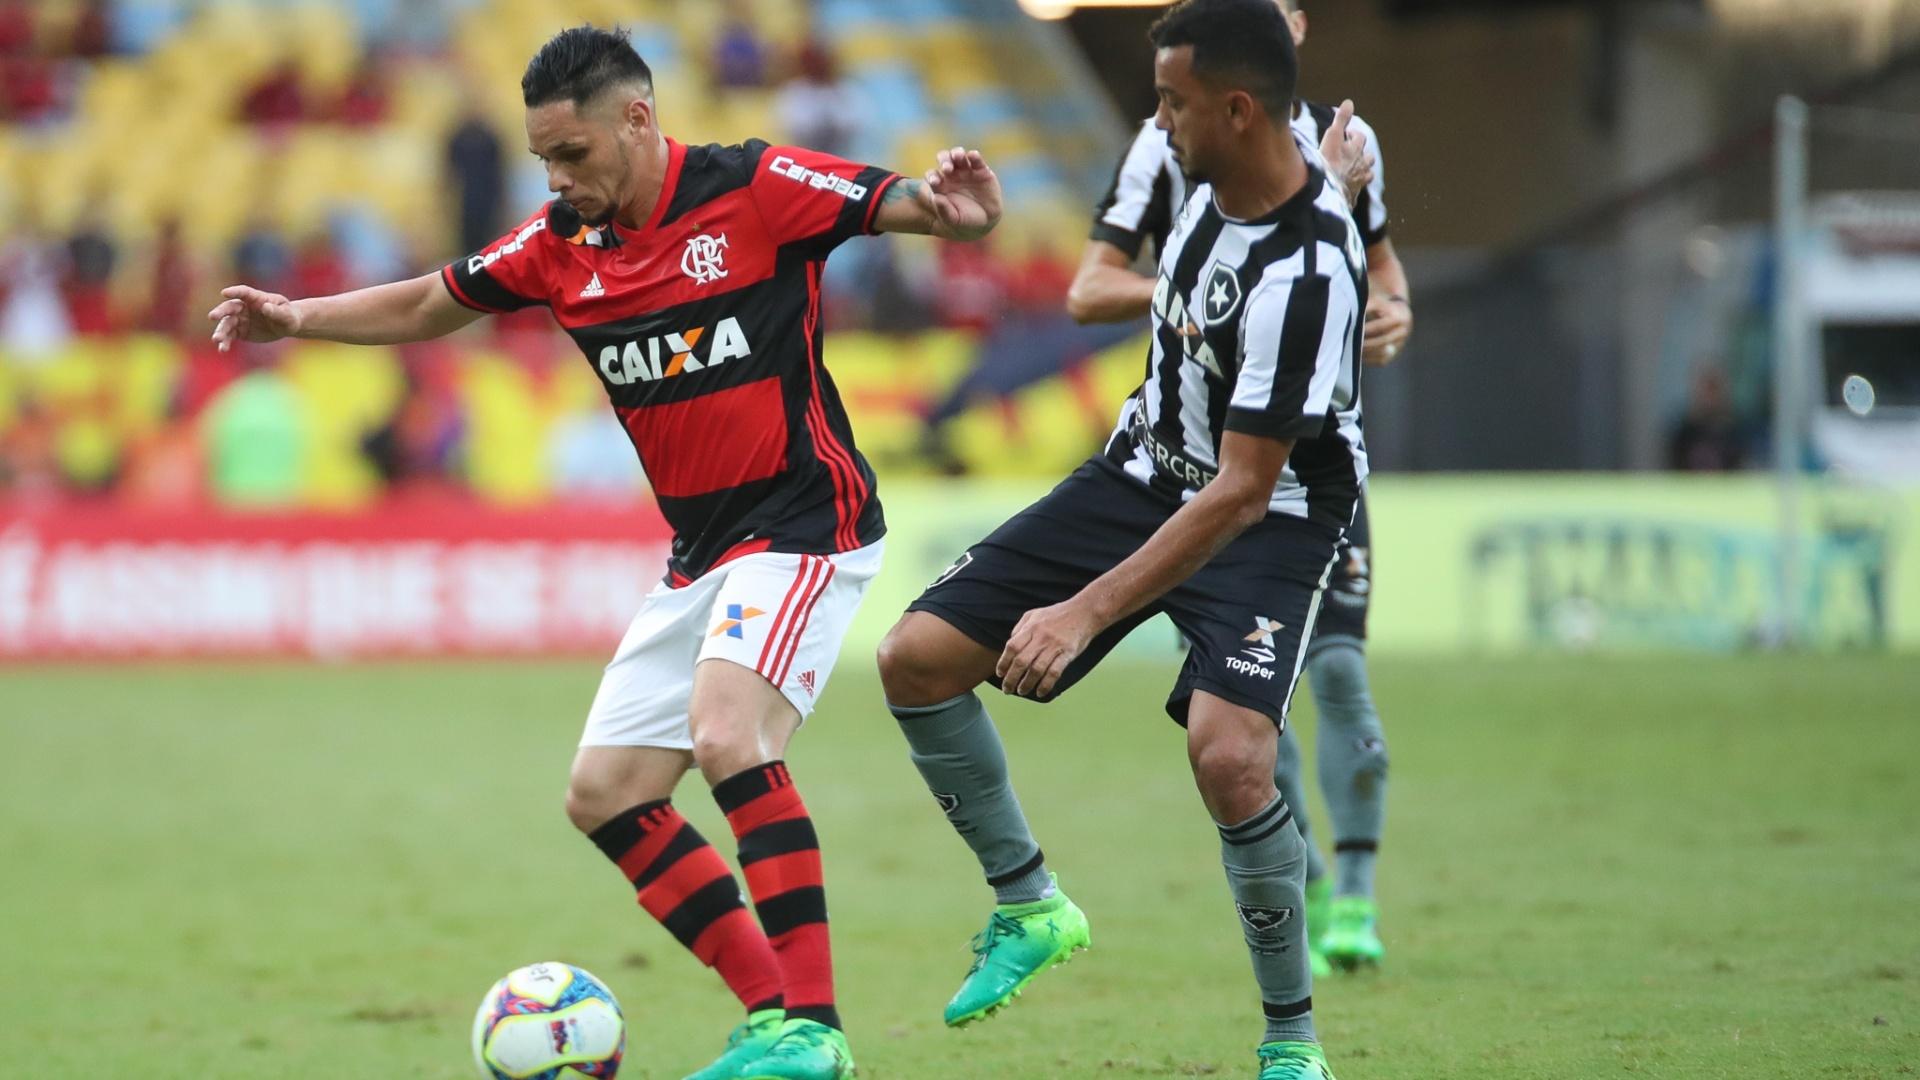 Pará protege a bola na partida Flamengo x Botafogo pelas semifinais do Campeonato Carioca 2017